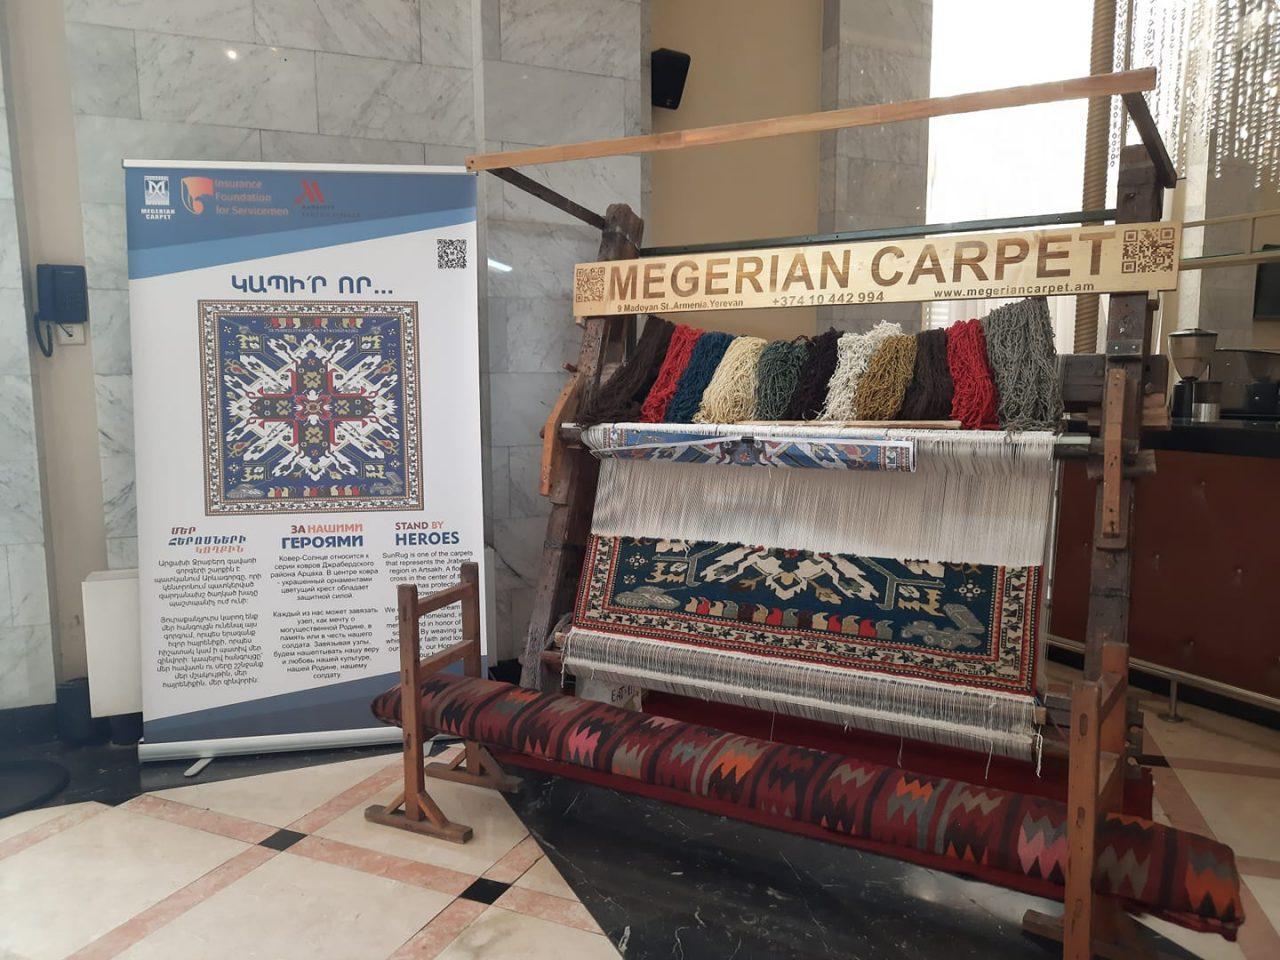 ՀԲՄ. Միասնական և շարունակական աջակցություն՝ հայրենիքի պաշտպաններին